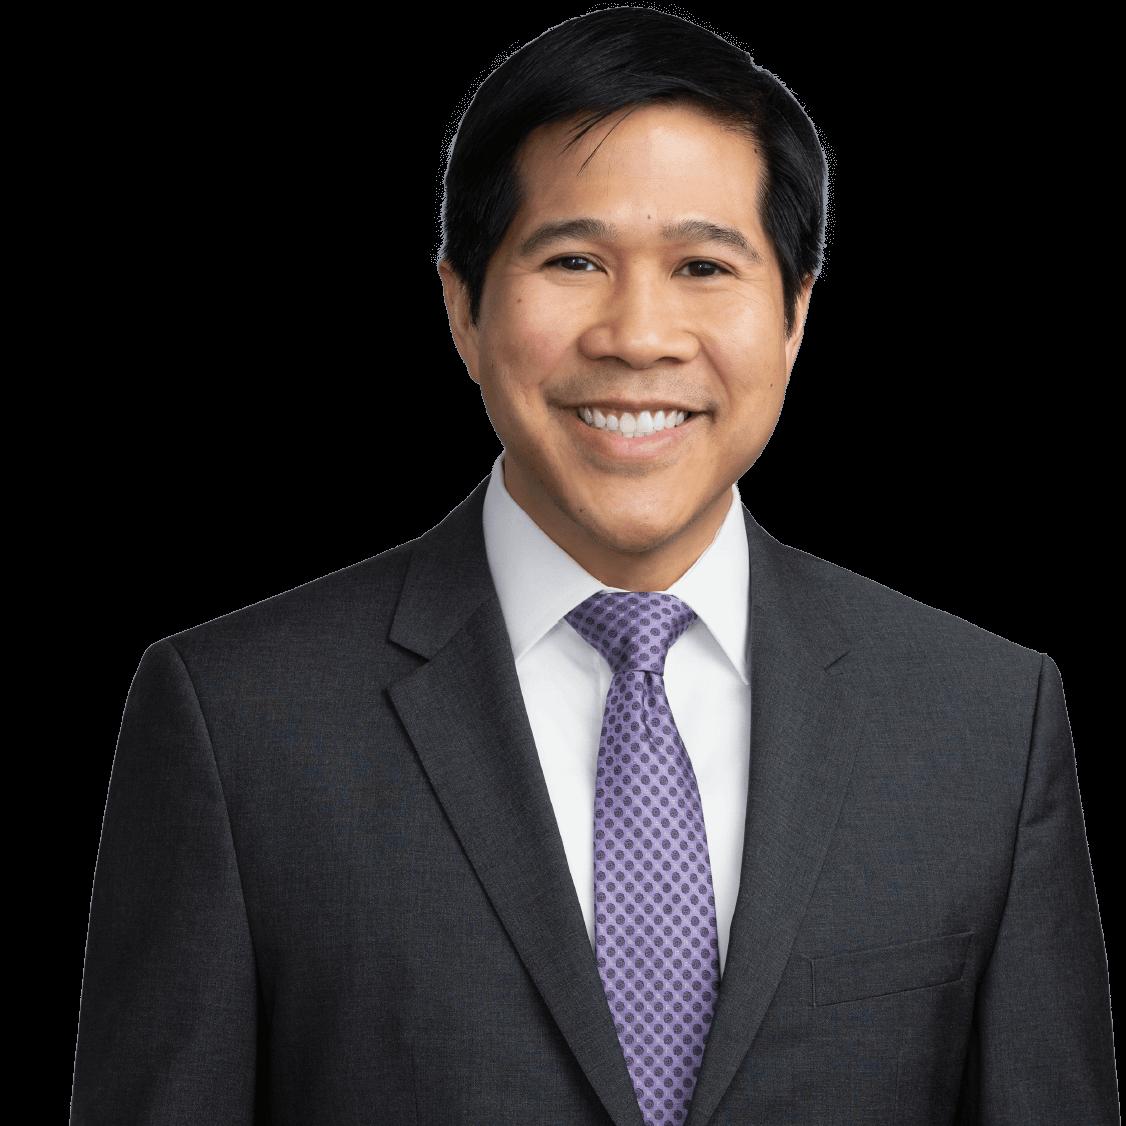 Mark J. Reyes